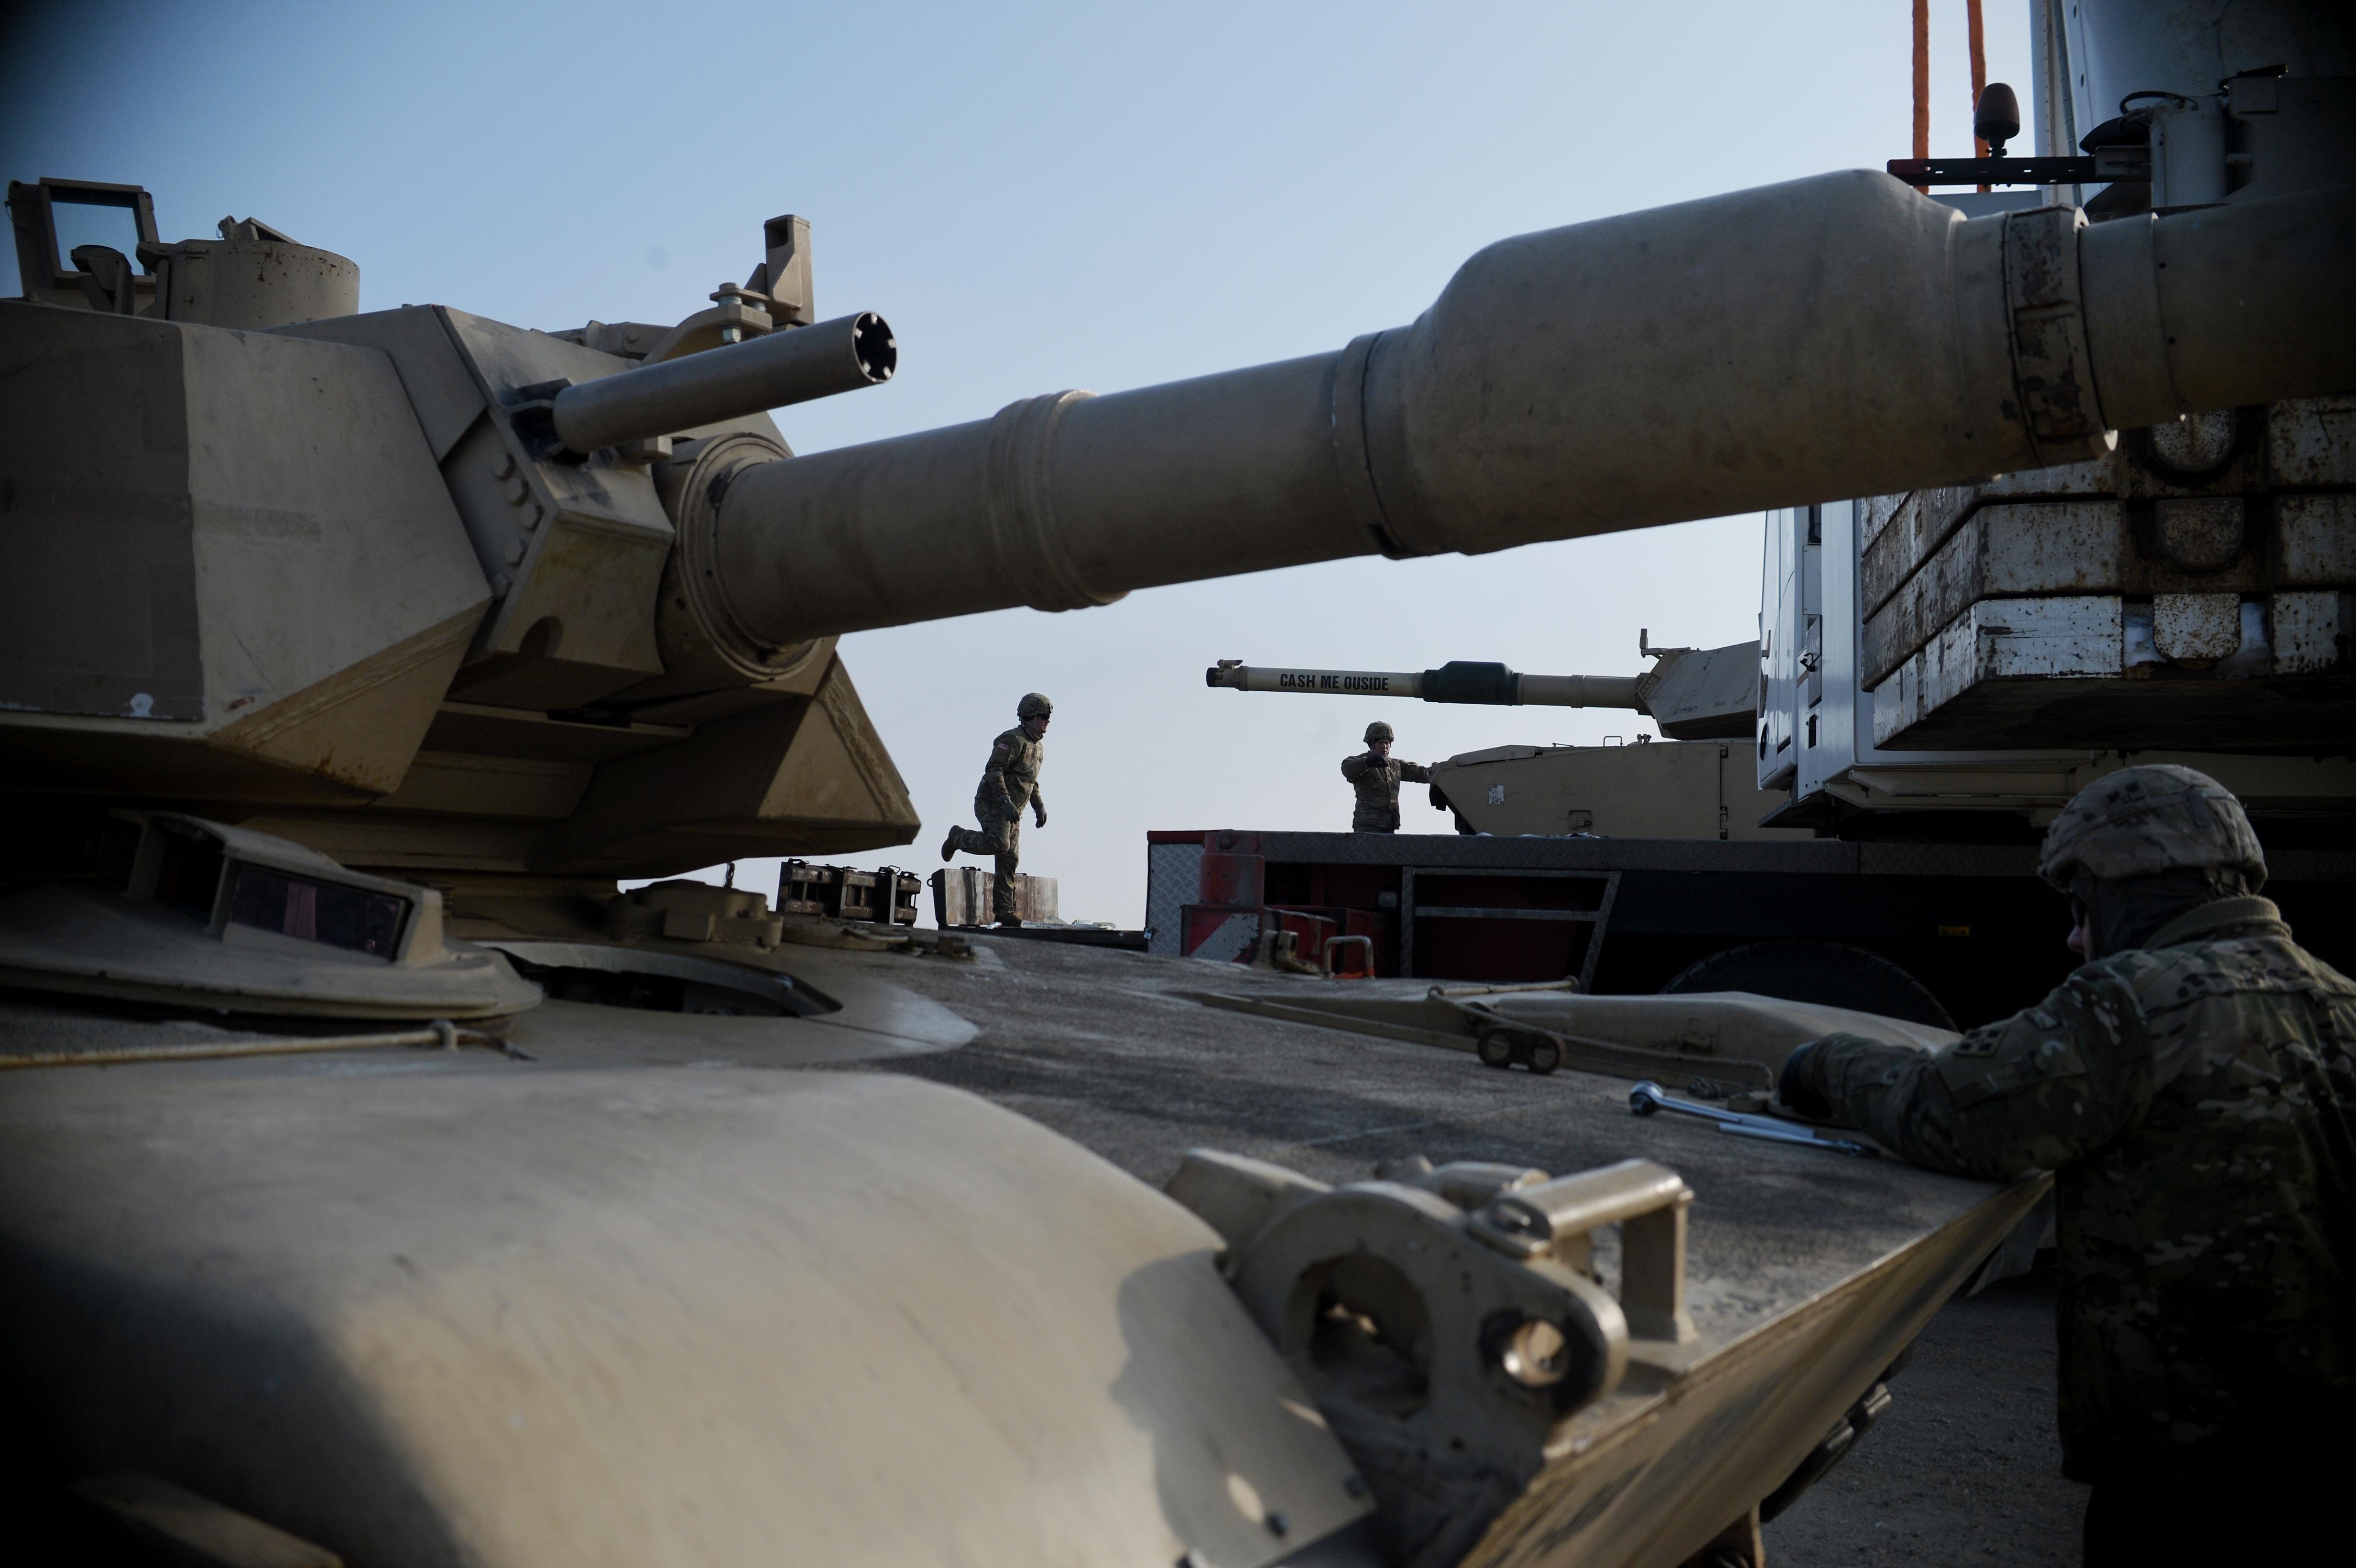 Romanian Military Vehicle Systems SA, autorizată de Consiliul Concurenţei. Ce tip de echipament militar va produce această companie nou înfiinţată